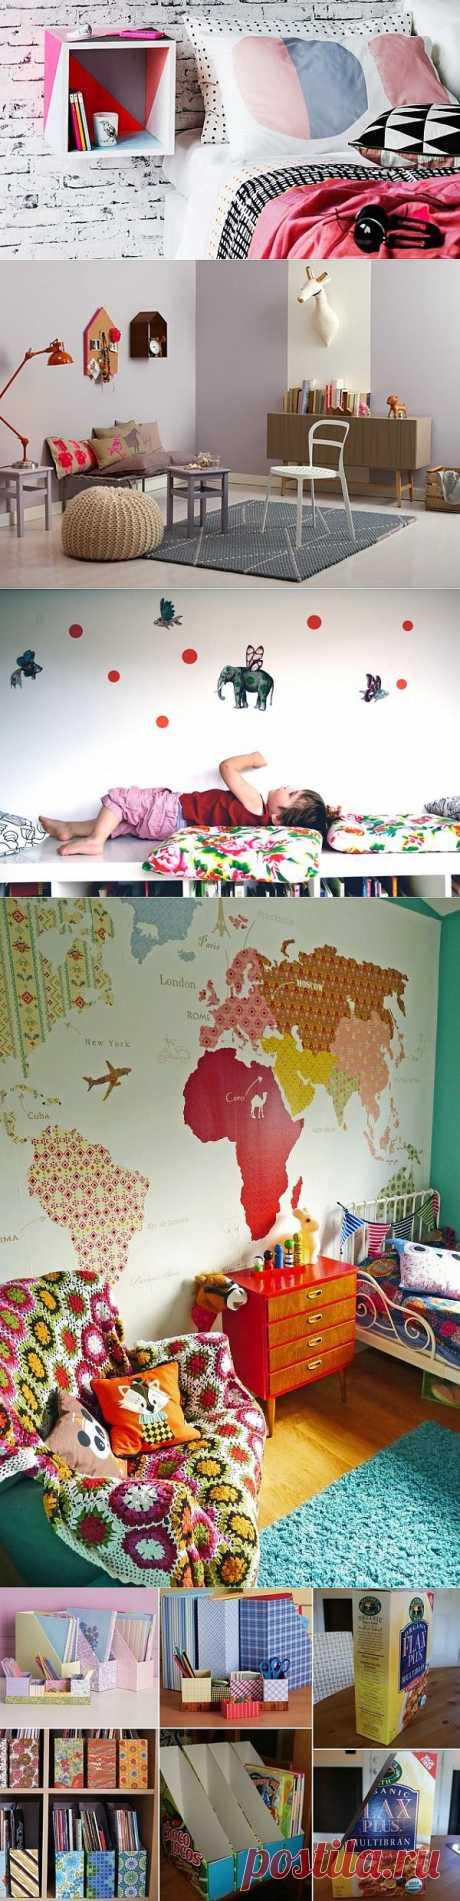 """Детская комната / """"Вторая улица"""" - мода и интерьер своими руками!"""